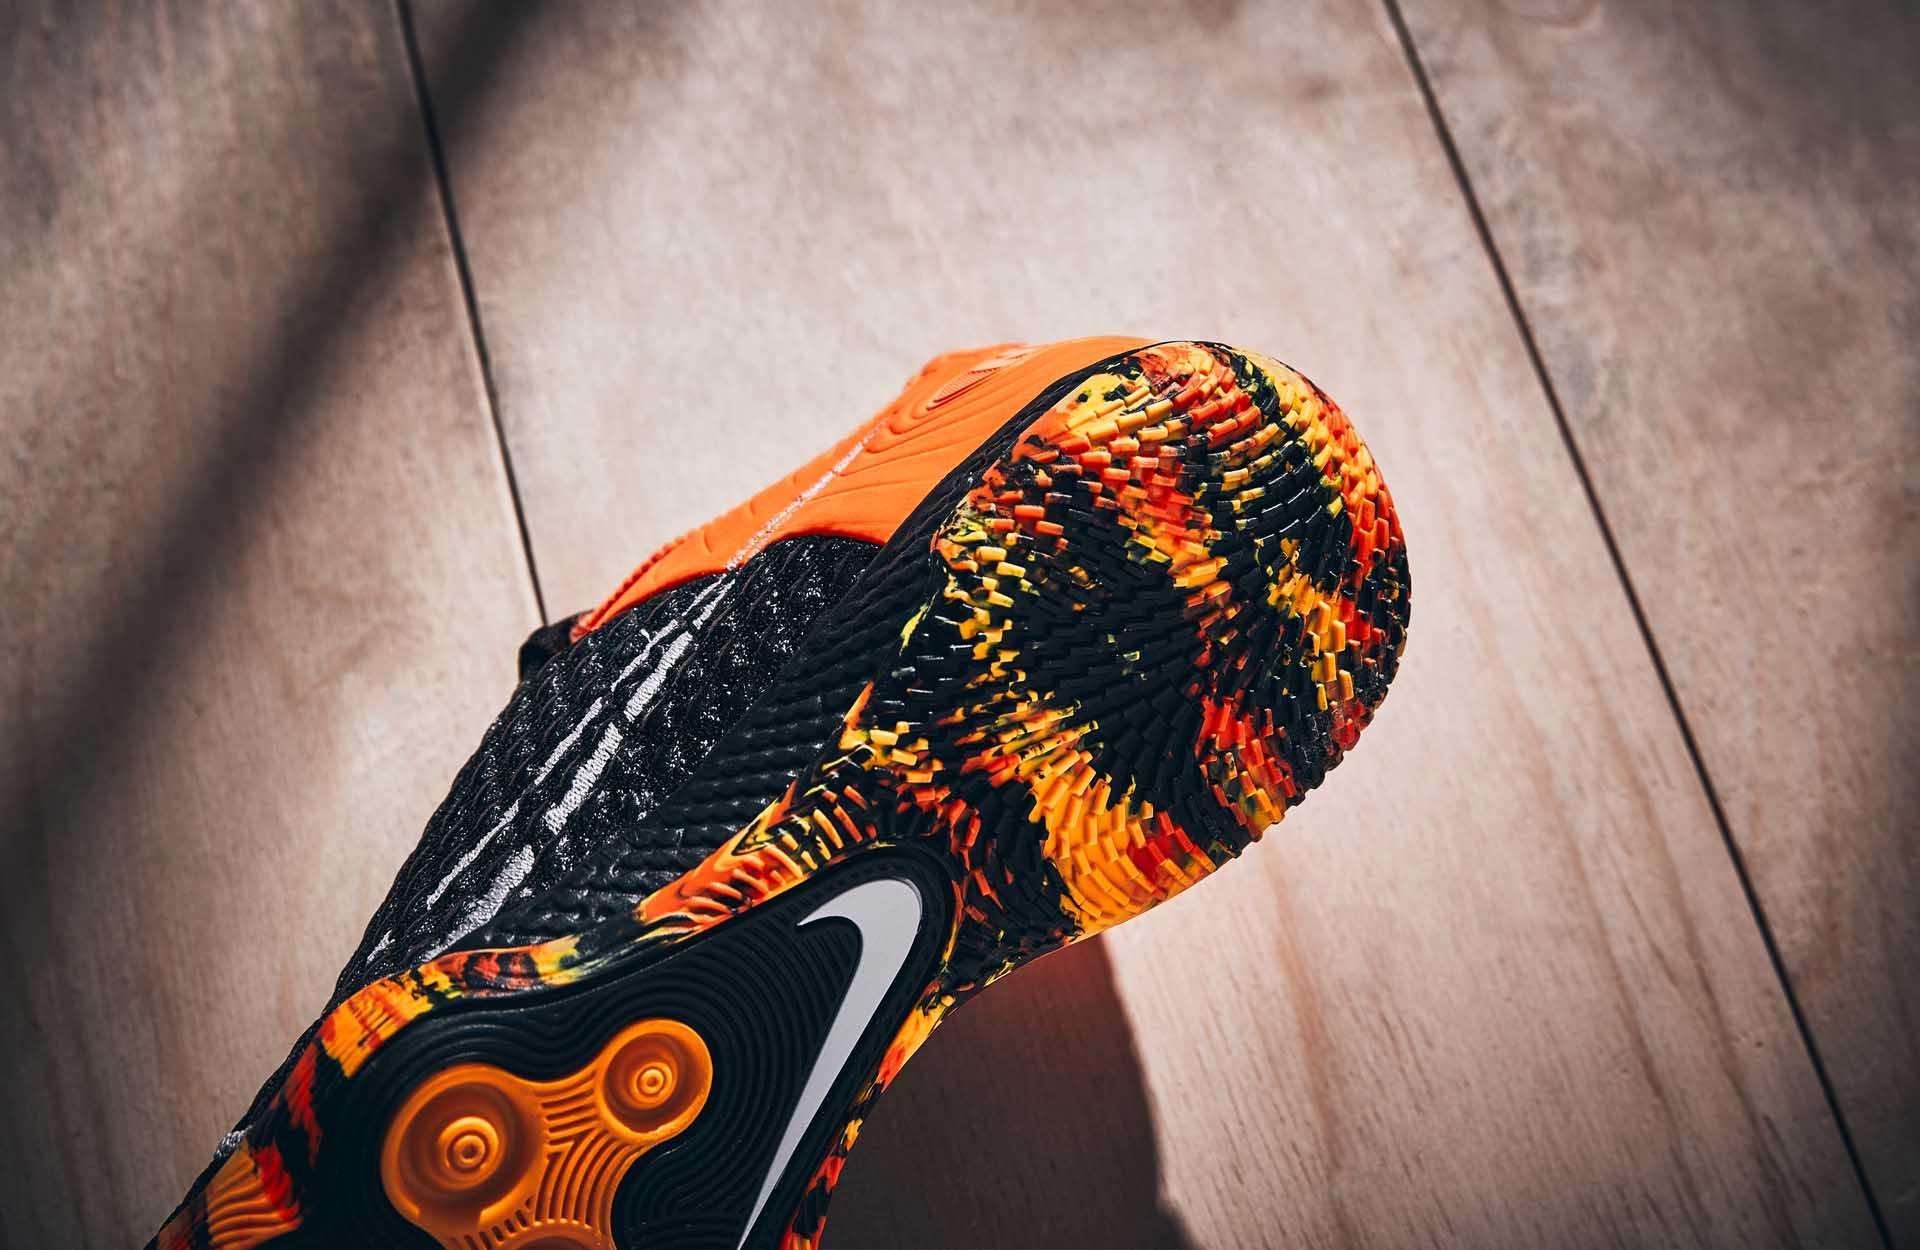 Nike React nổi tiếng trong việc tối ưu các chuyển động cho cầu thủ